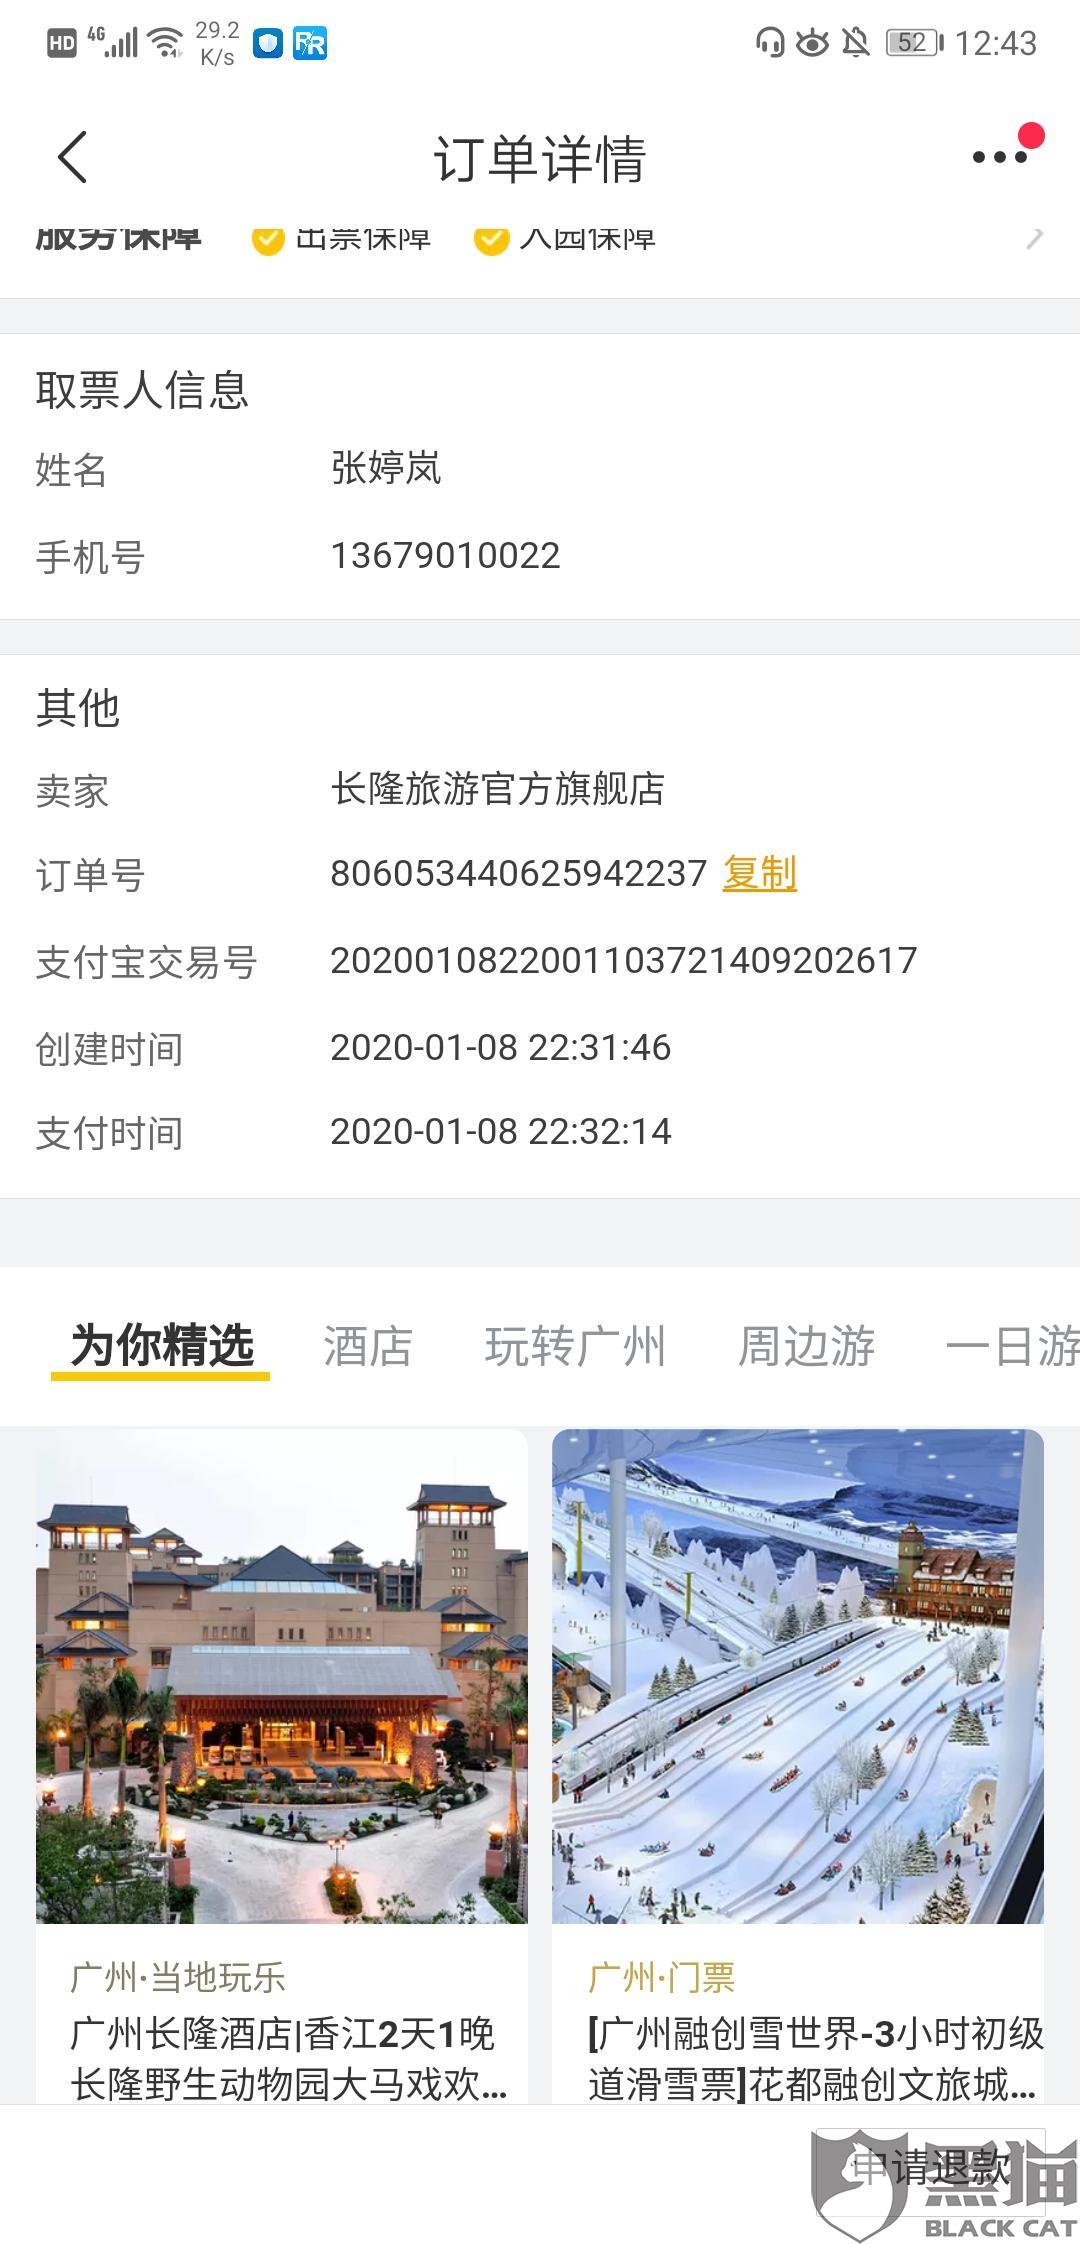 黑猫投诉:再飞猪网订购了长隆野生动物园门票无法退票